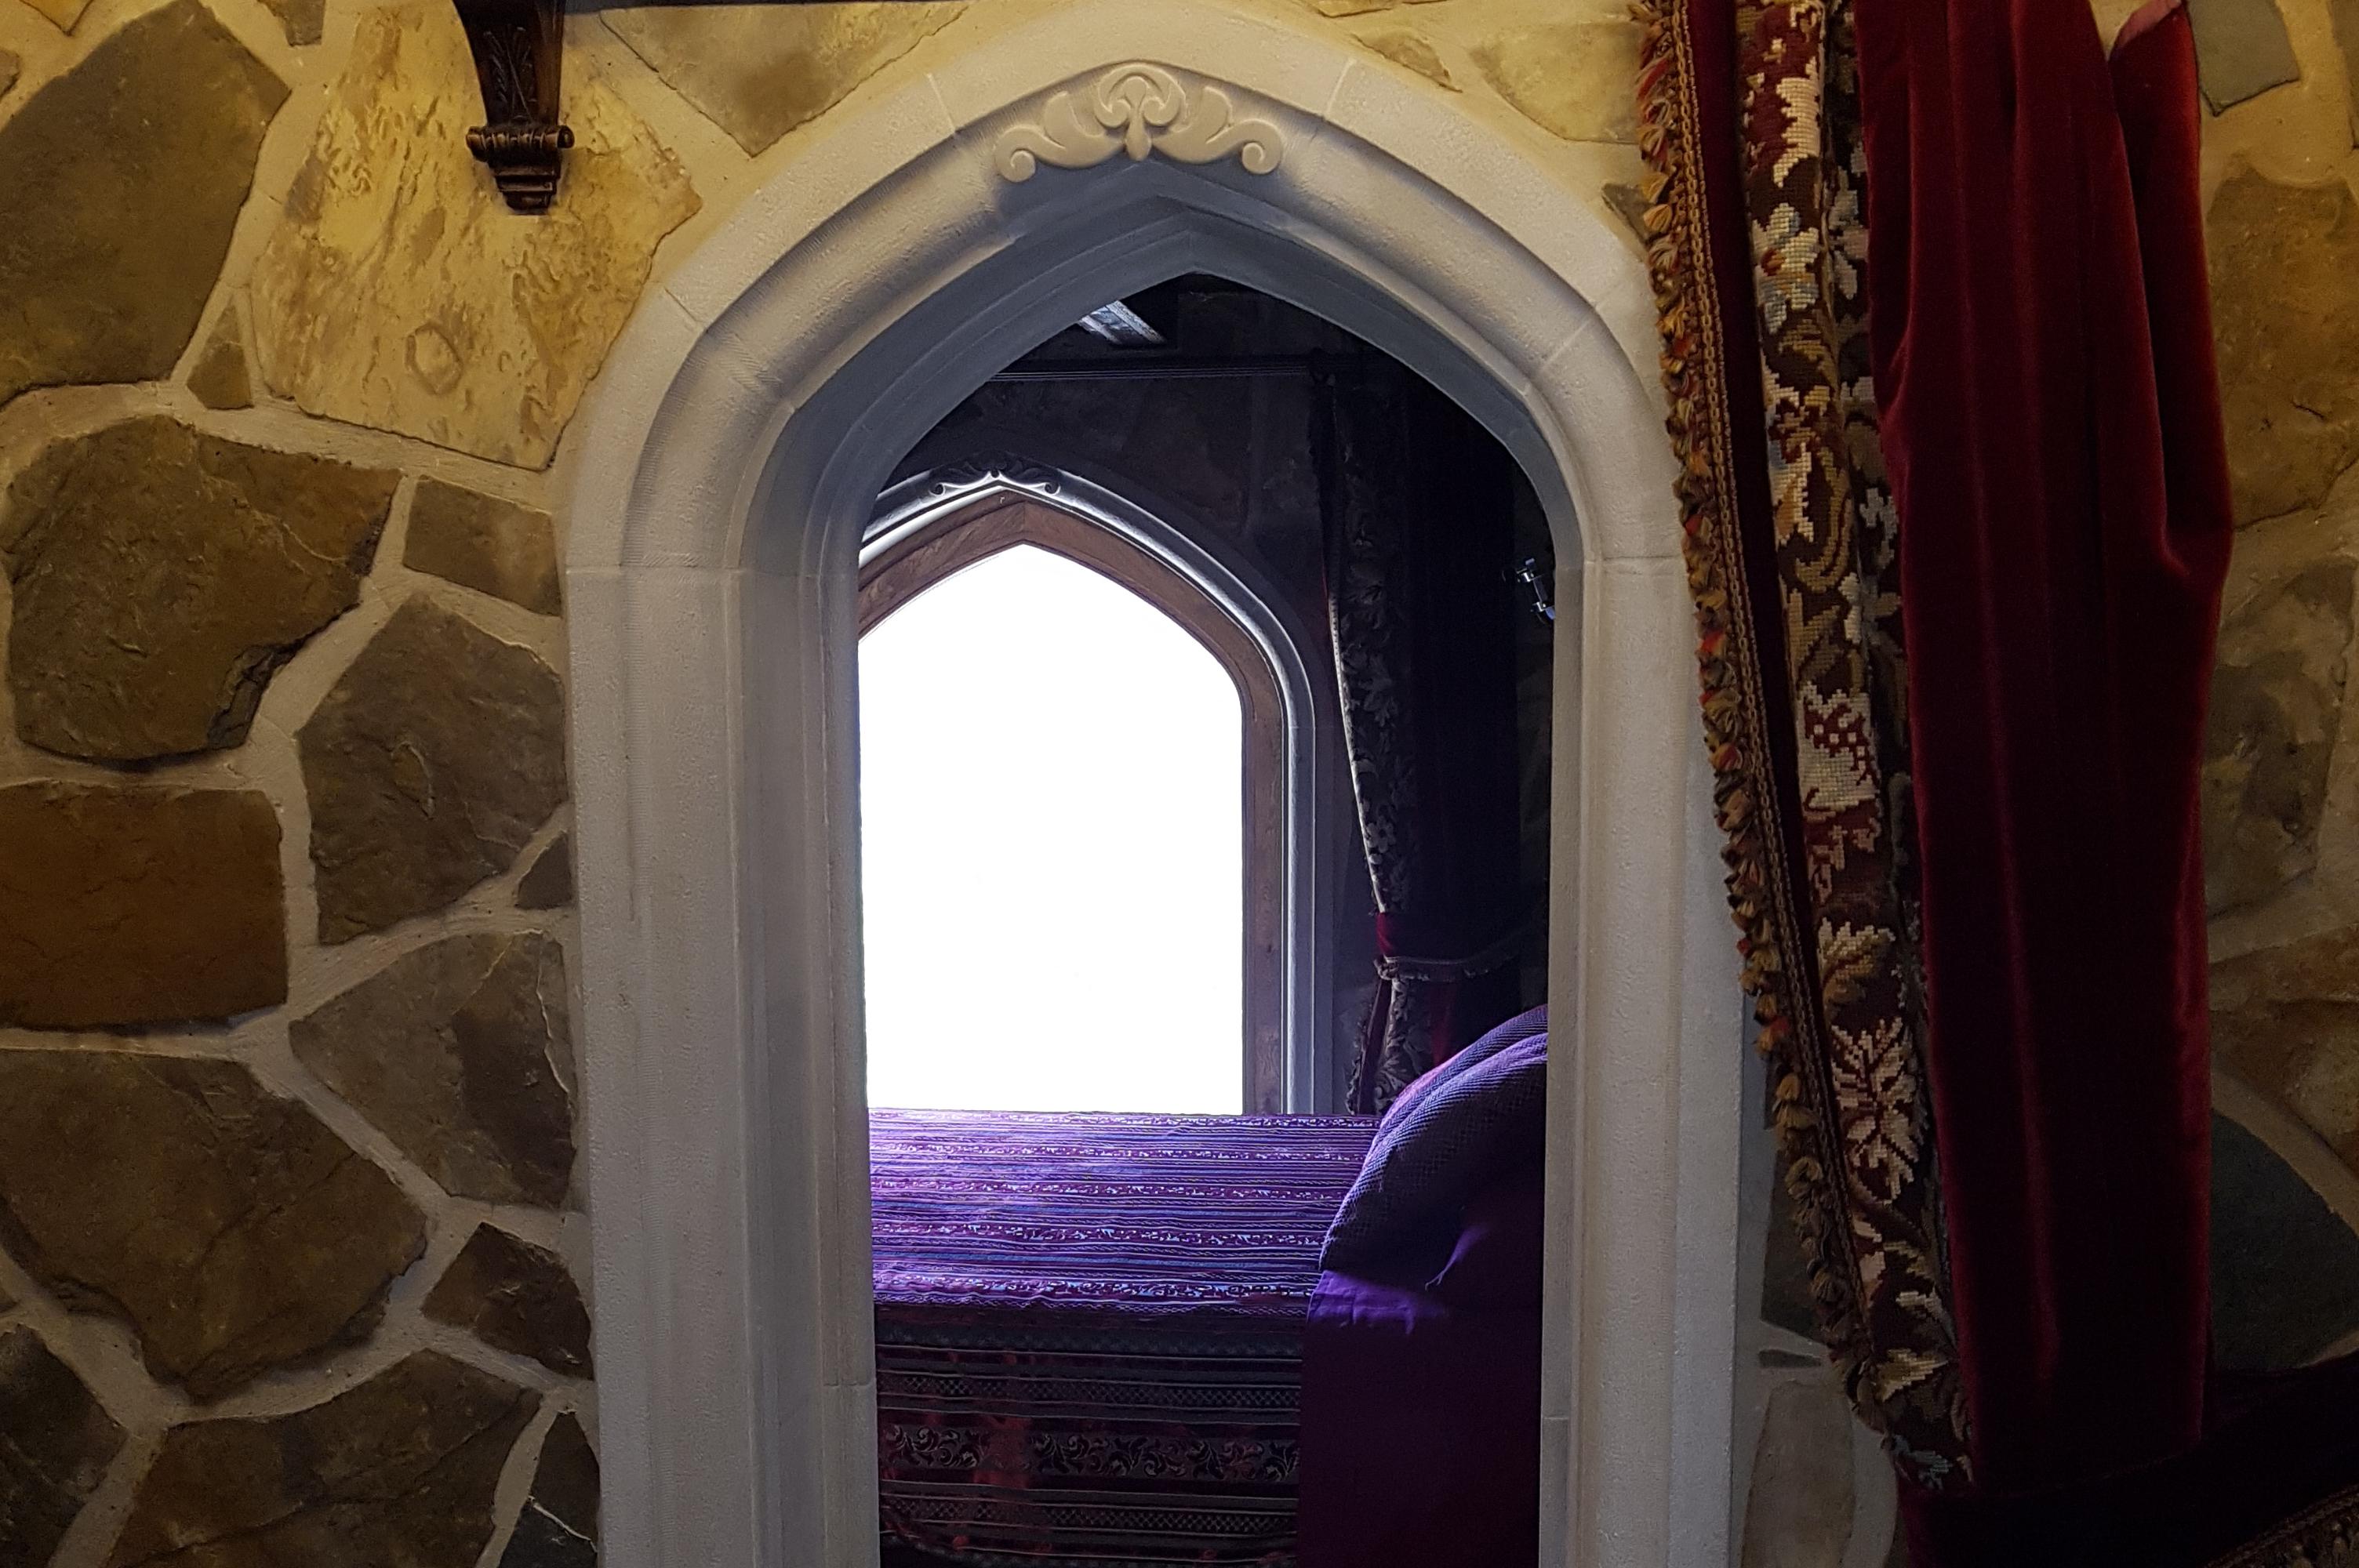 Arco en habitación. Hecho en piedra con bóveda